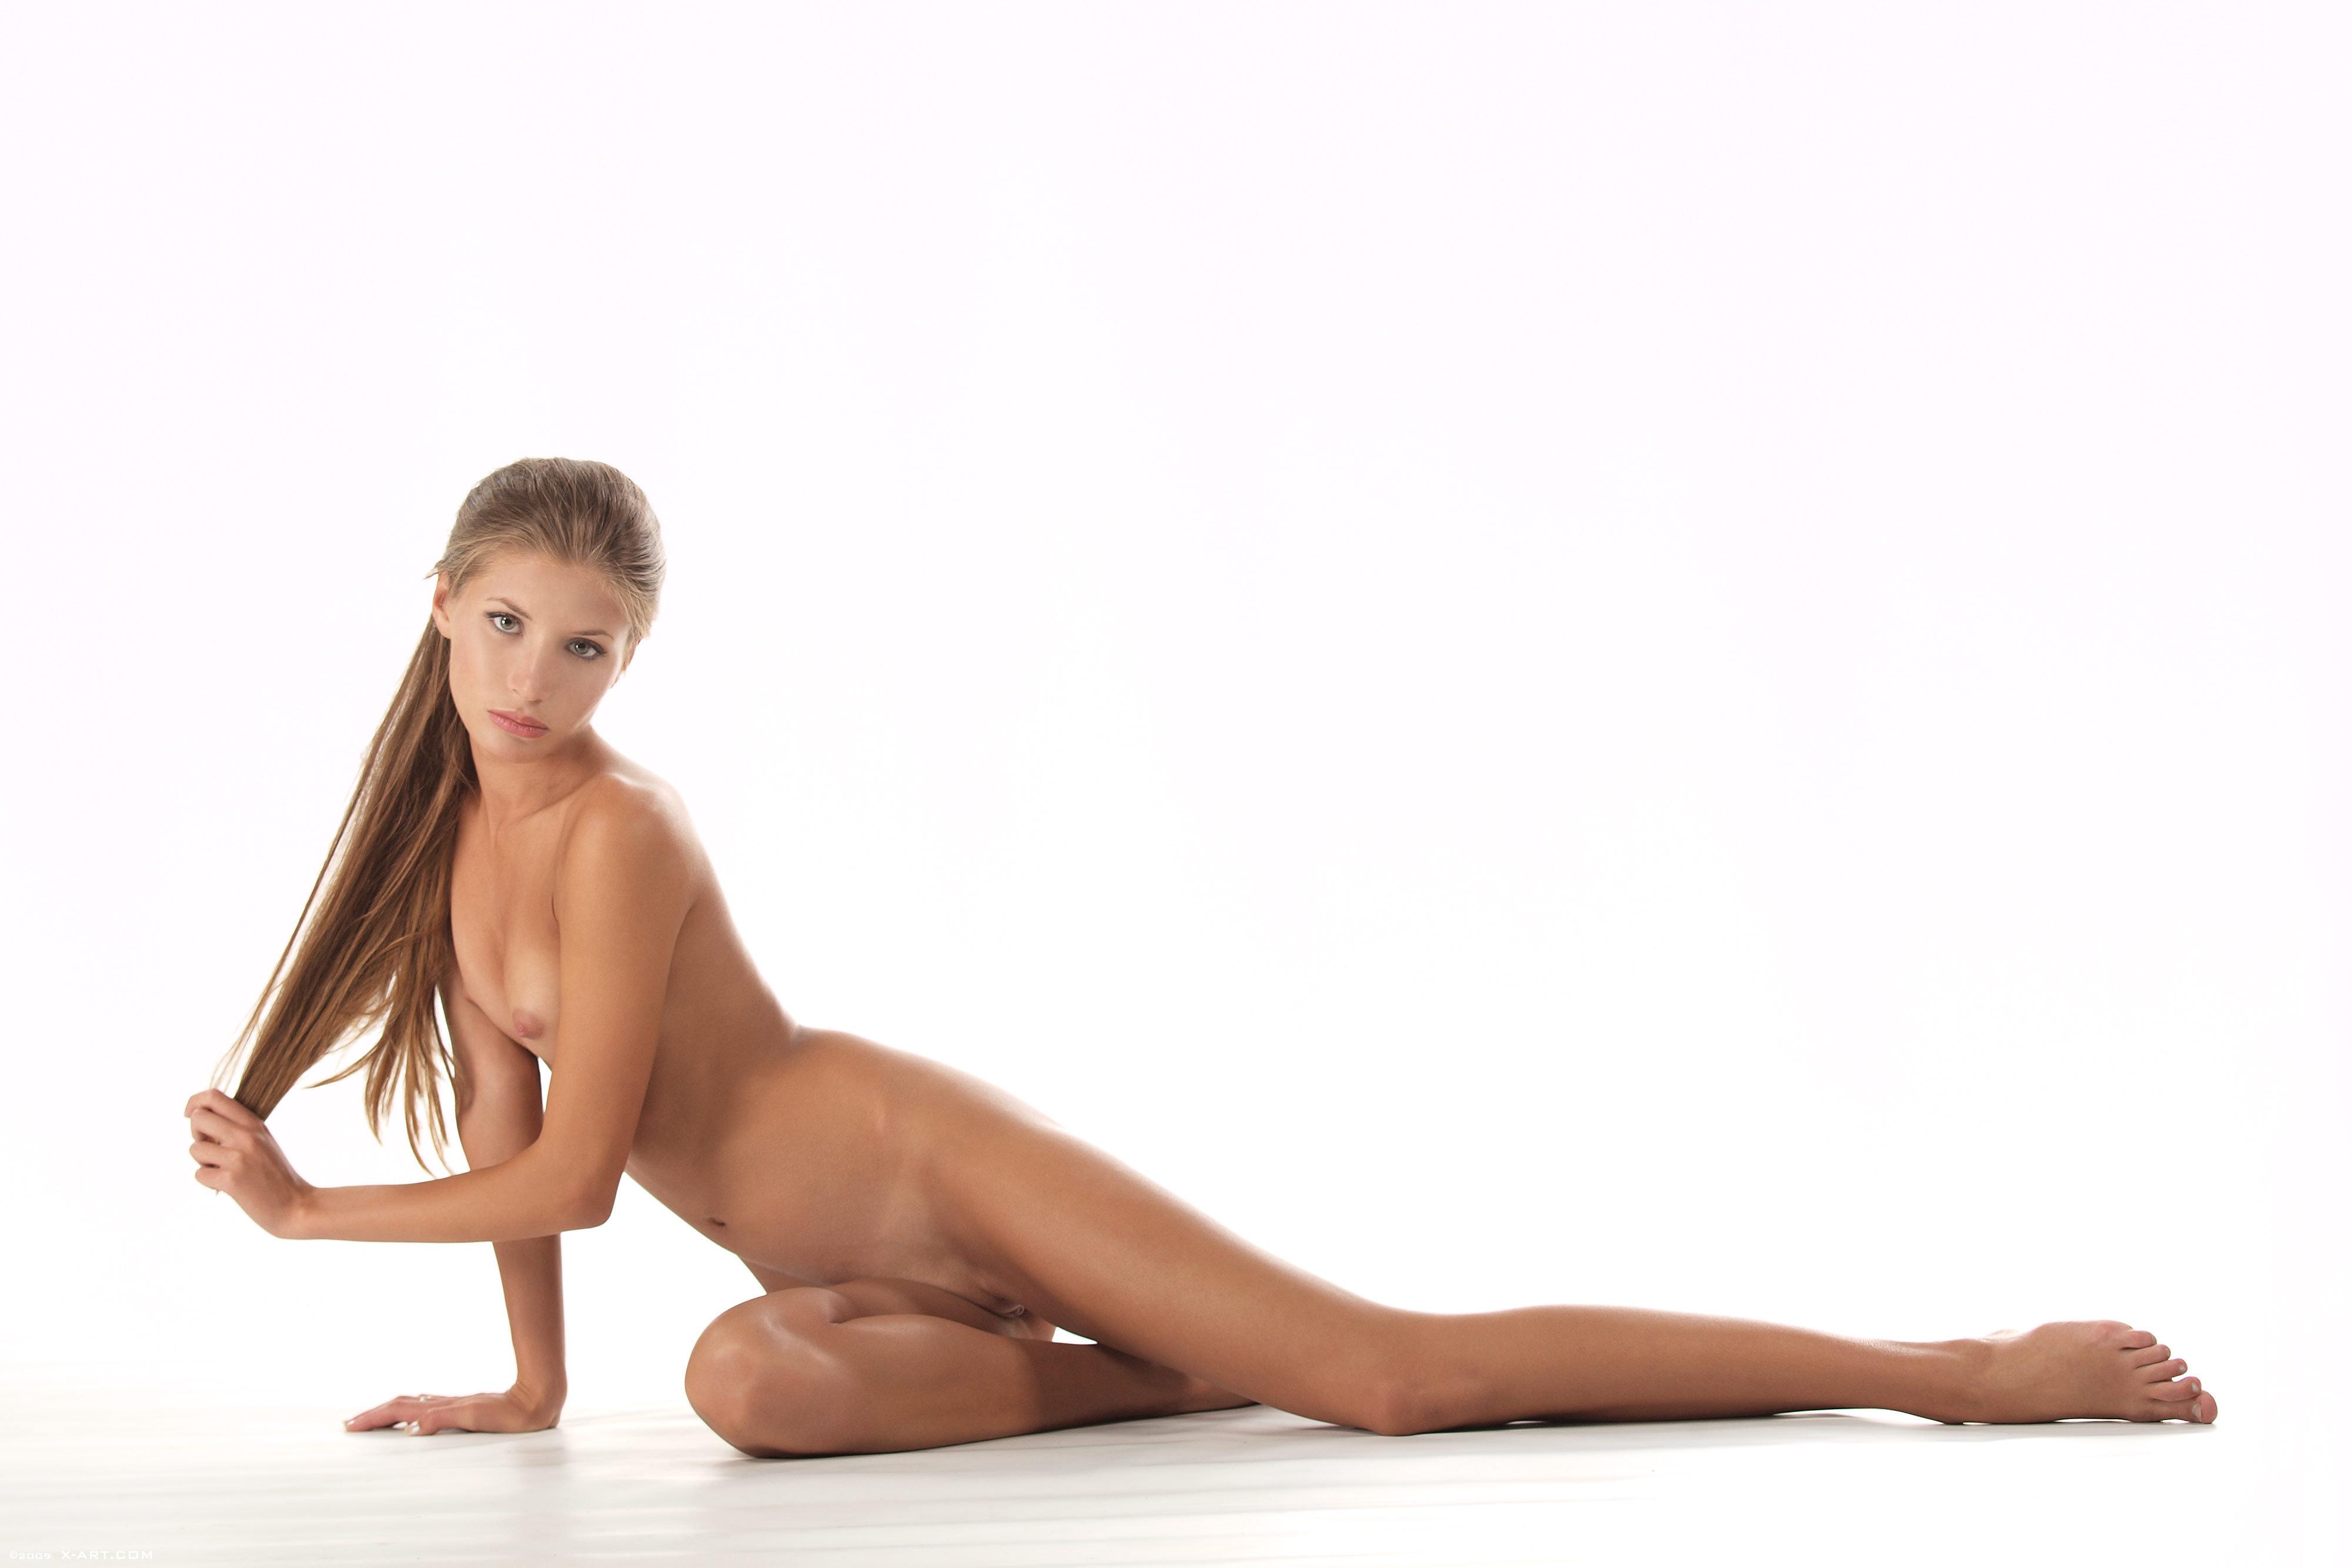 Домашнее порно видео  смотреть частное порно видео с